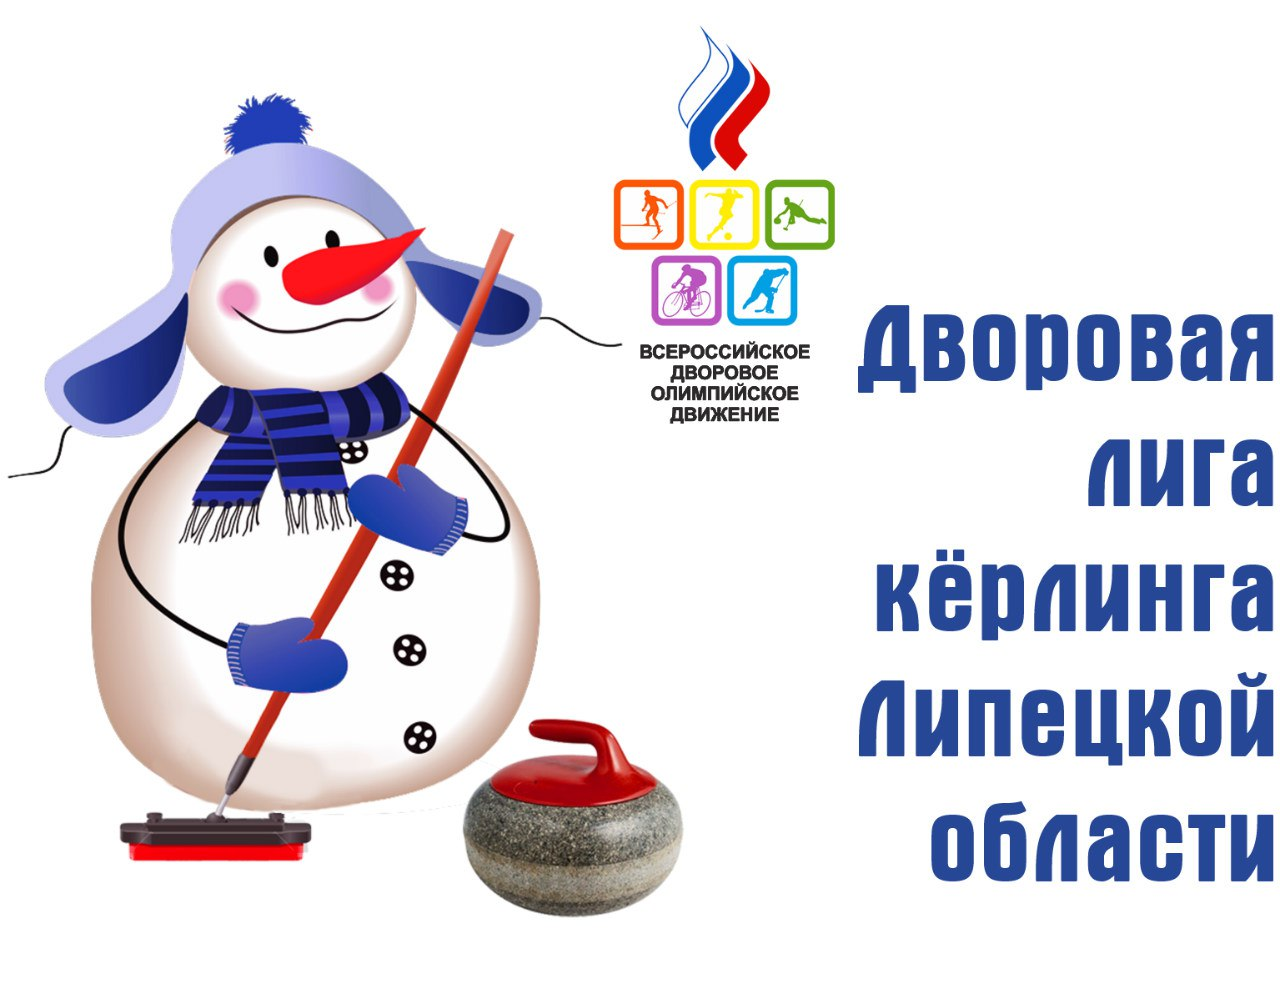 Дворовая лига керлинга Липецкой области вступает в очередной сезон